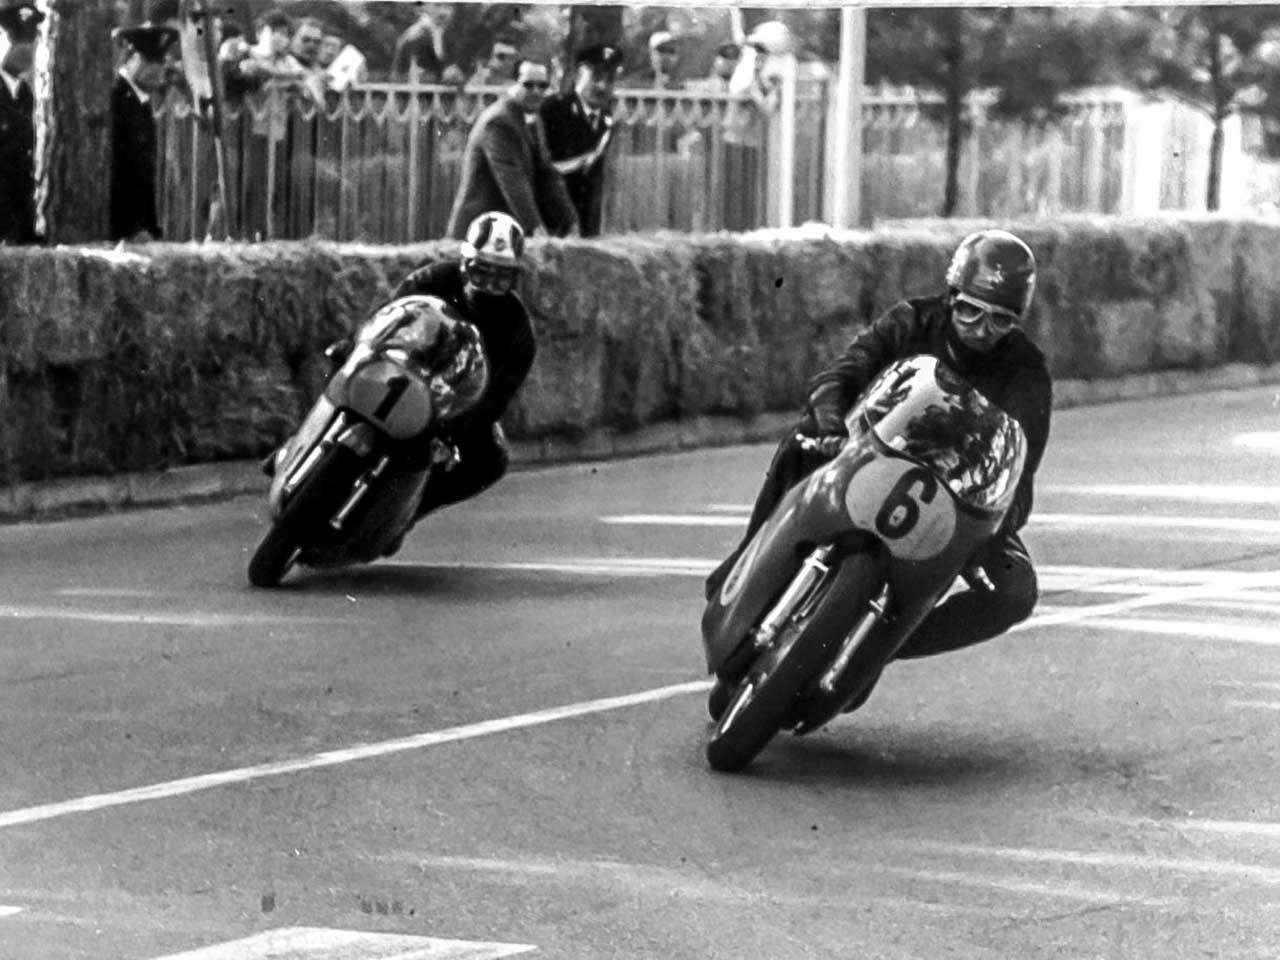 Paton_Storia-Anni60_1969-Angelo-Bergamonti-e-Giacomo-Agostini-Cervia-Campionato-Italiano-500cc